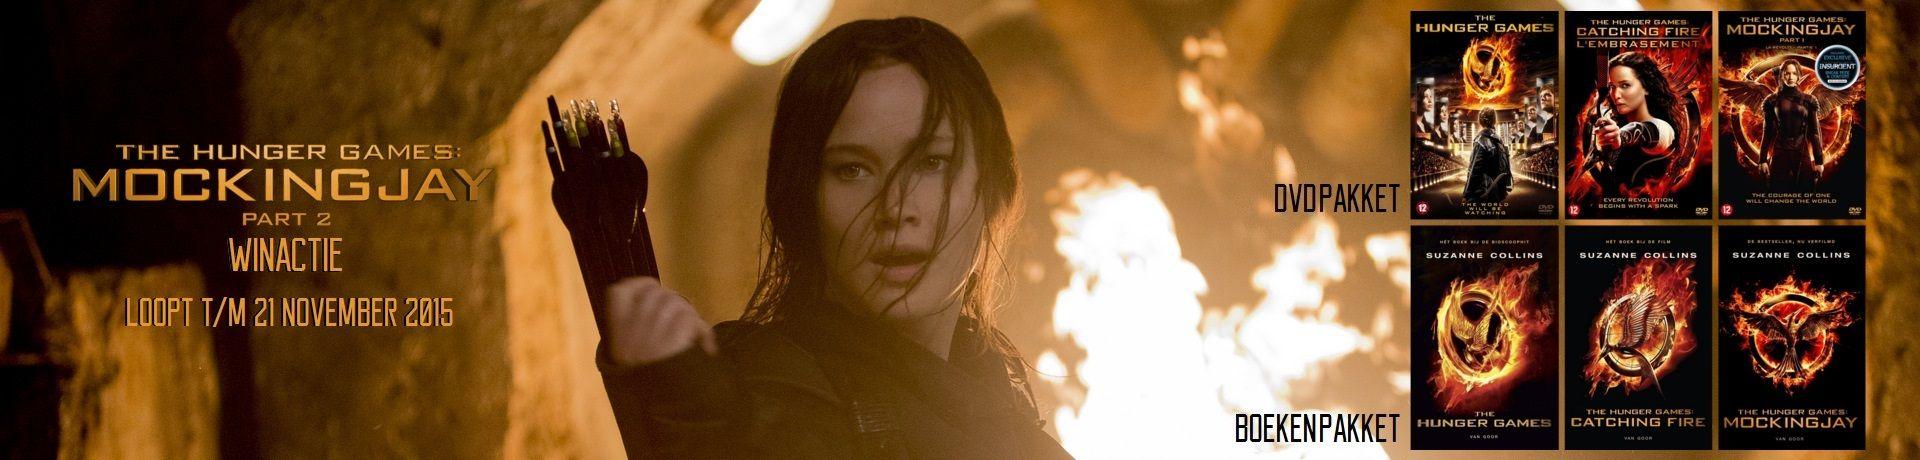 18 november is het eindelijk zover, dan breekt de grote finale aan waarin Katniss (Jennifer Lawrence) samen met Gale (Liam Hemsworth), Finnick (Sam Clafin), Peeta (Josh Hutcherson) en een eenheid van District 13, de confrontatie opzoeken met President Snow (Donald Sutherland). Katniss en haar team g